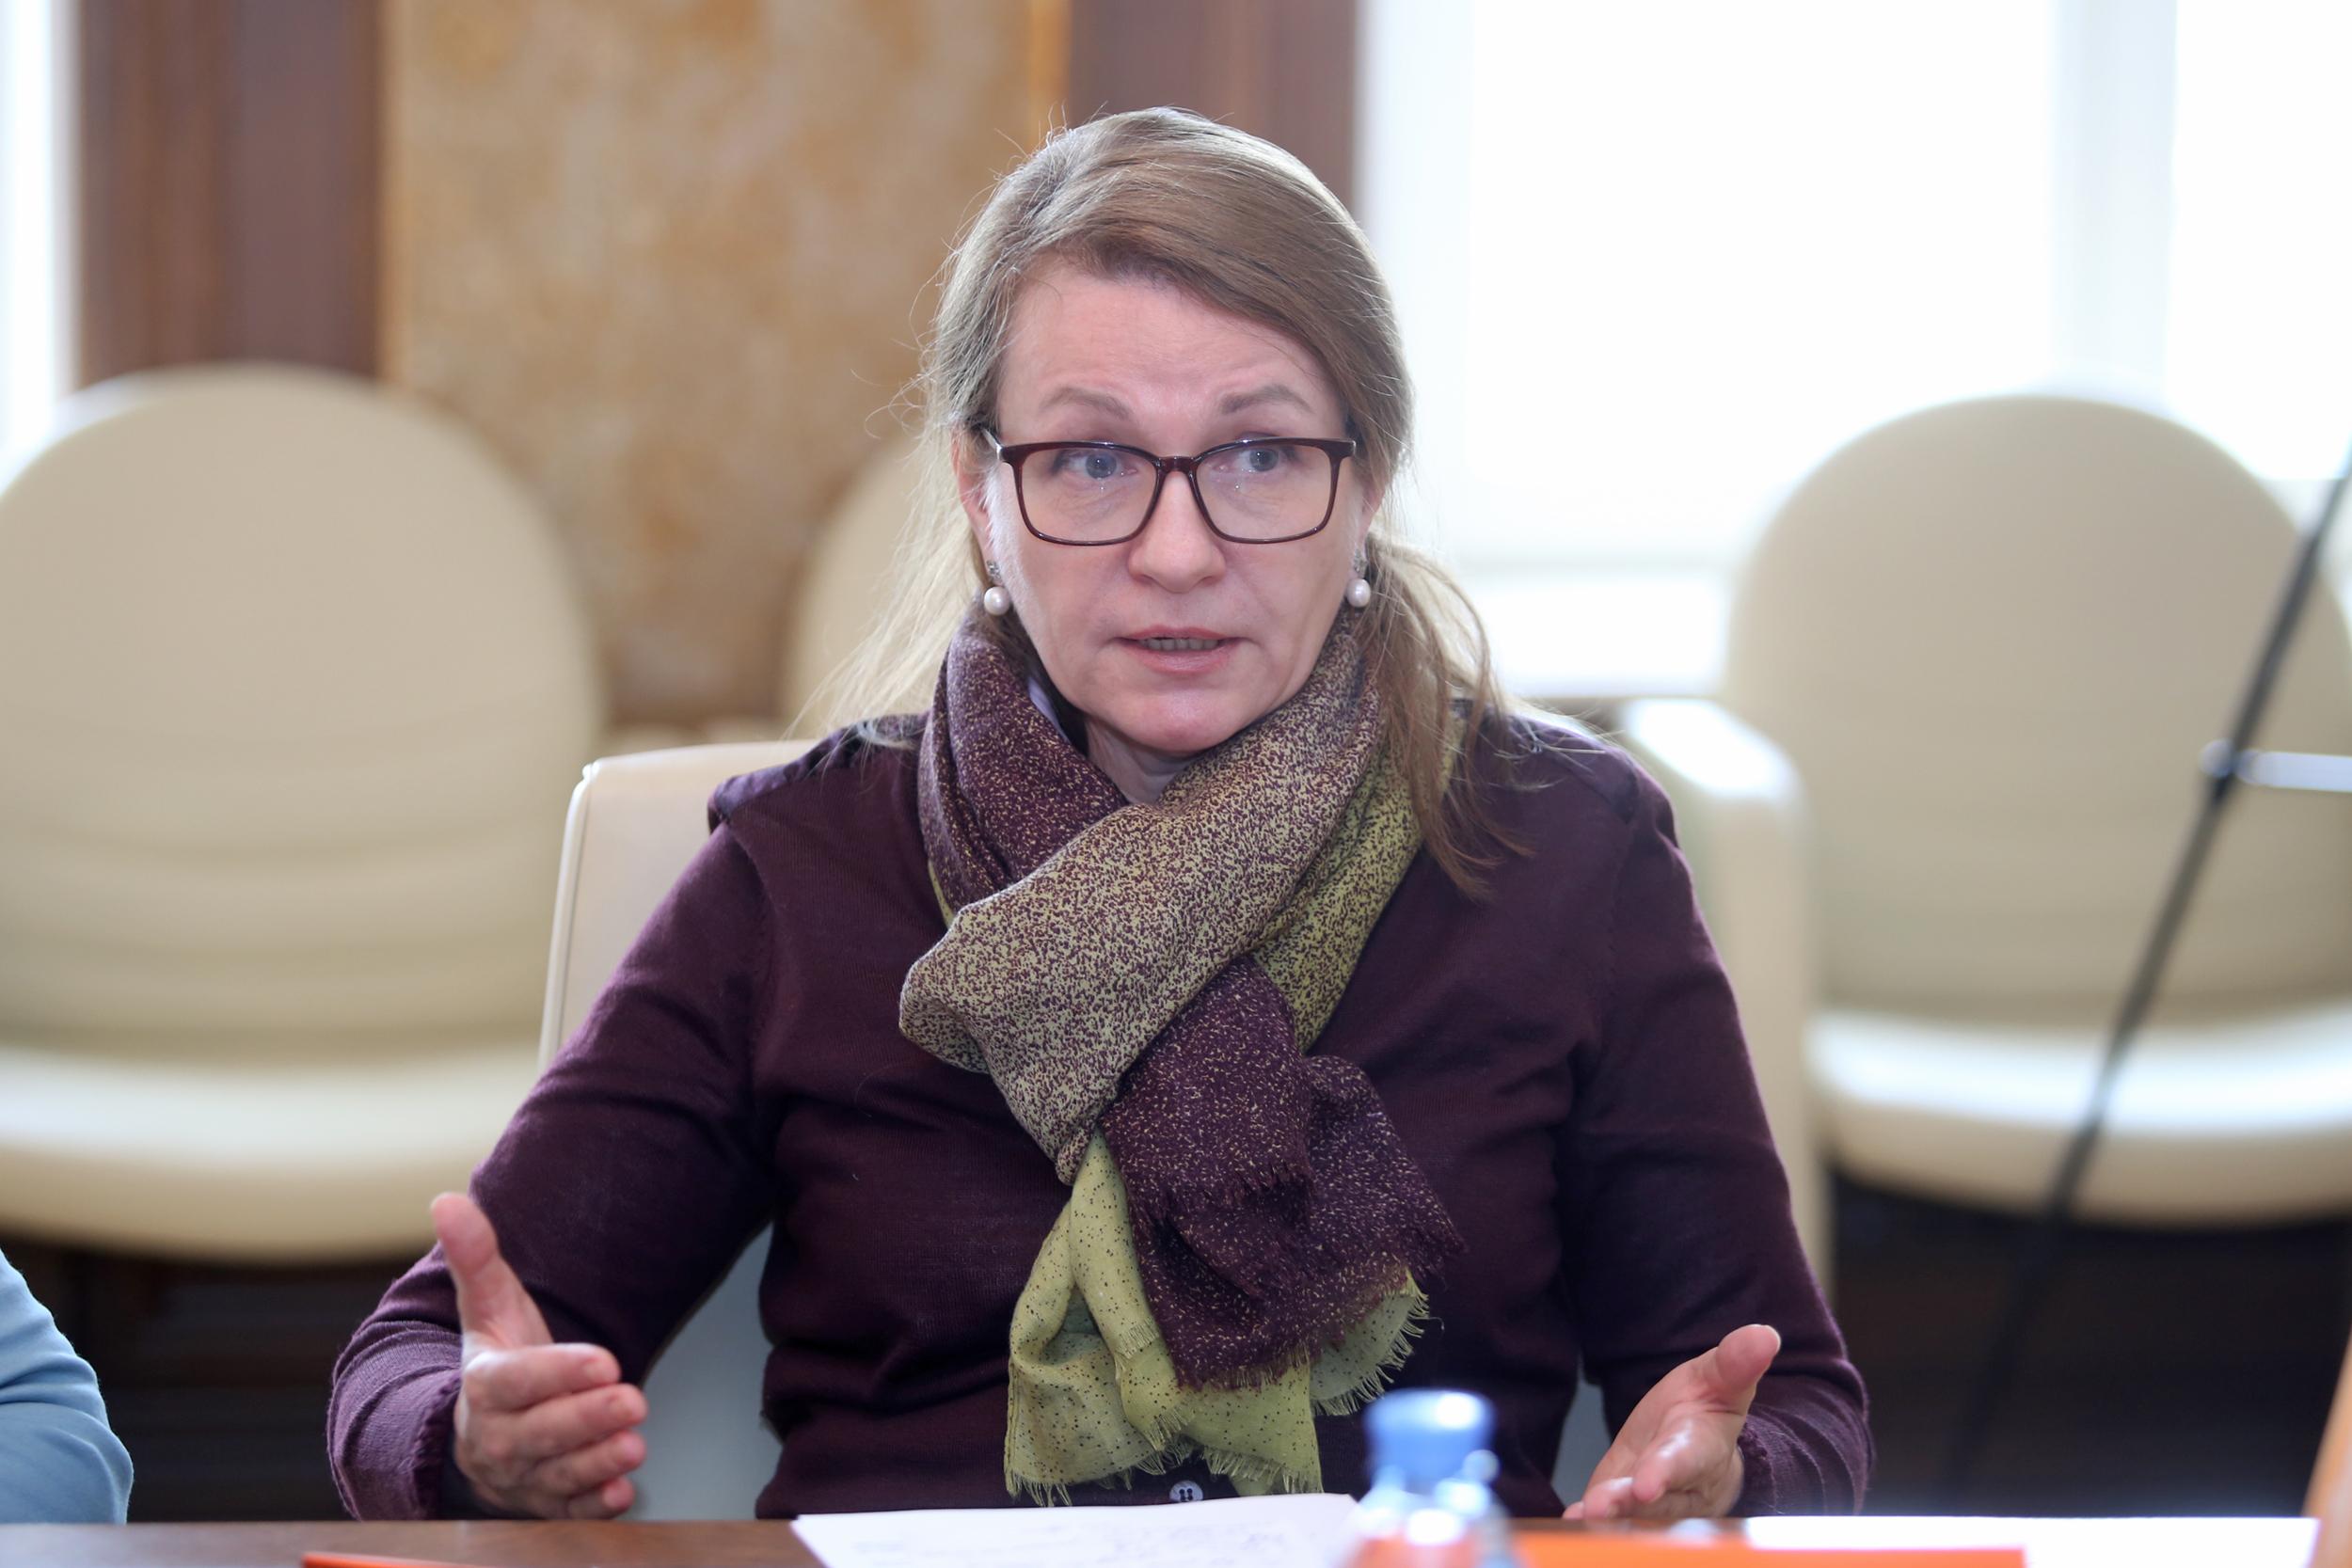 Светлана Денисова, начальник отдела продаж ЗАО «БФА-Девелопмент»